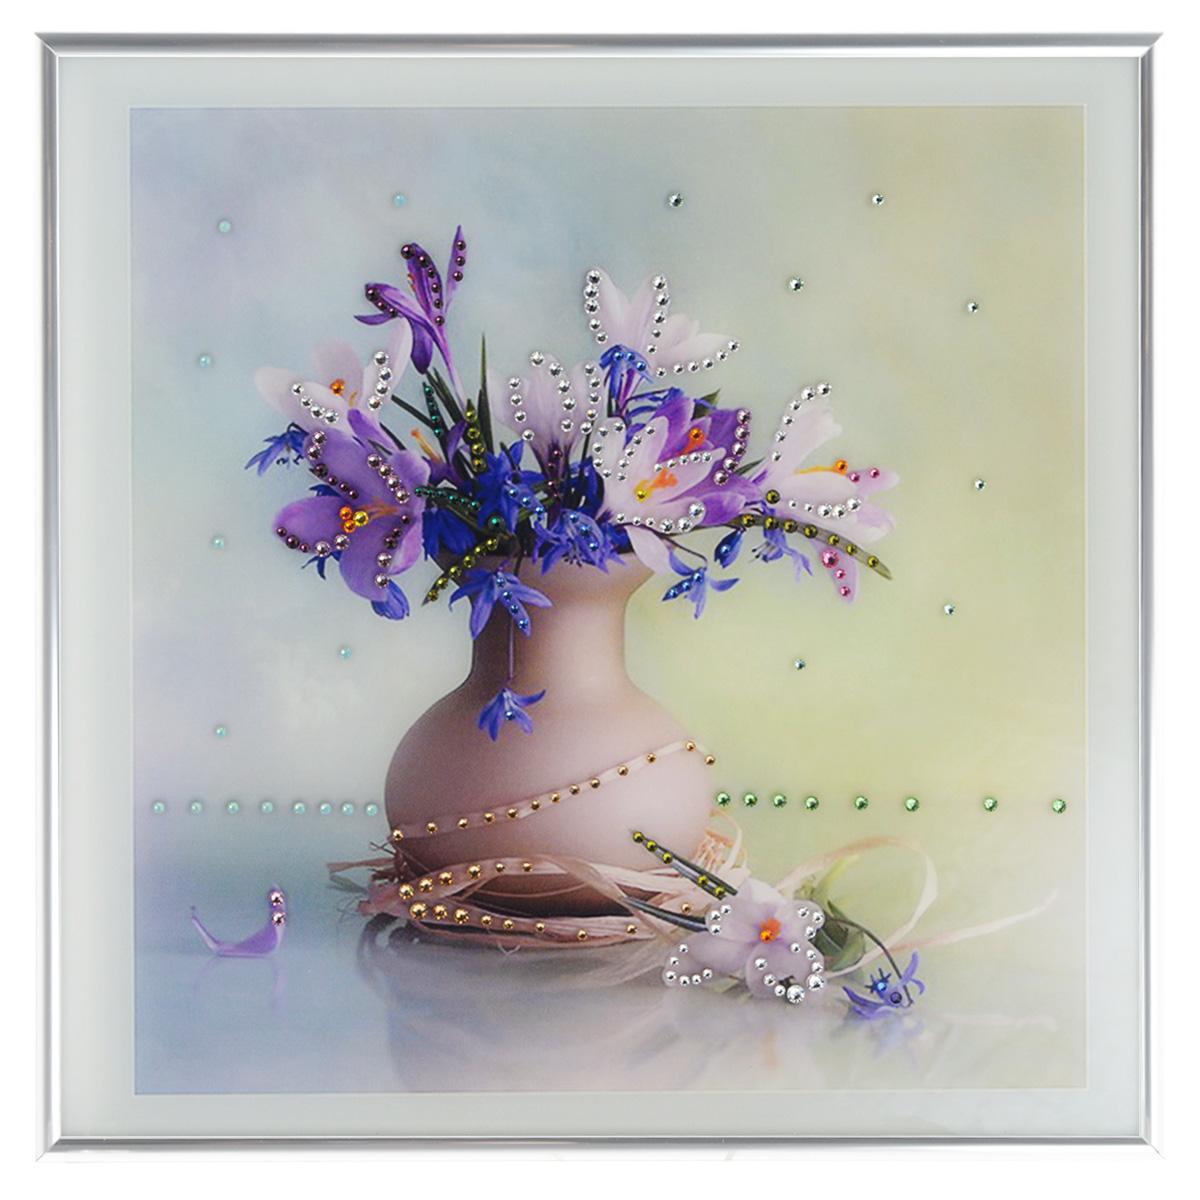 Картина с кристаллами Swarovski Весна, 30 х 30 см1068Изящная картина в металлической раме, инкрустирована кристаллами Swarovski, которые отличаются четкой и ровной огранкой, ярким блеском и чистотой цвета. Красочное изображение букета цветов в вазе, расположенное под стеклом, прекрасно дополняет блеск кристаллов. С обратной стороны имеется металлическая петелька для размещения картины на стене. Картина с кристаллами Swarovski Весна элегантно украсит интерьер дома или офиса, а также станет прекрасным подарком, который обязательно понравится получателю. Блеск кристаллов в интерьере, что может быть сказочнее и удивительнее. Картина упакована в подарочную картонную коробку синего цвета и комплектуется сертификатом соответствия Swarovski.